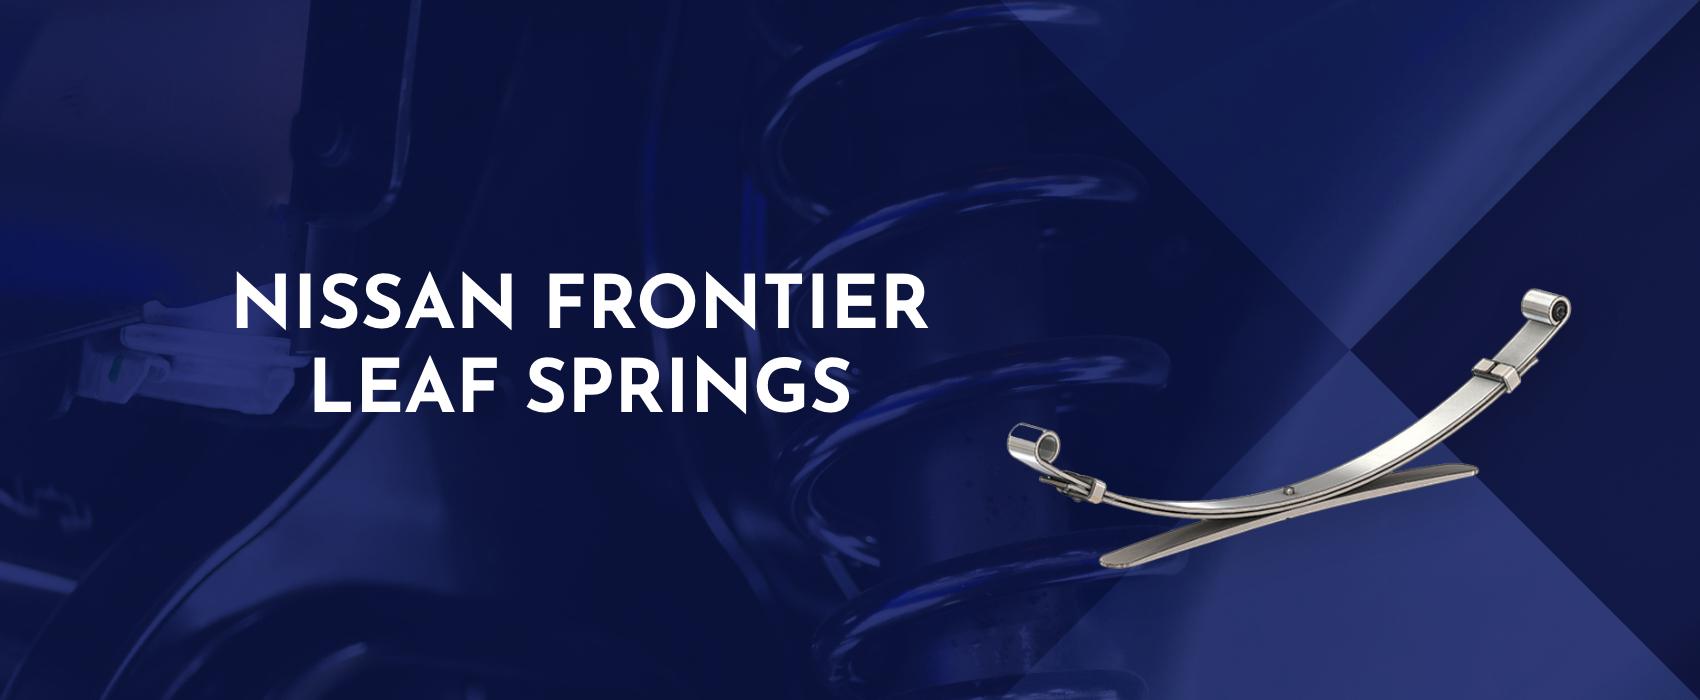 01-nissan-frontier-leaf-springs.jpg